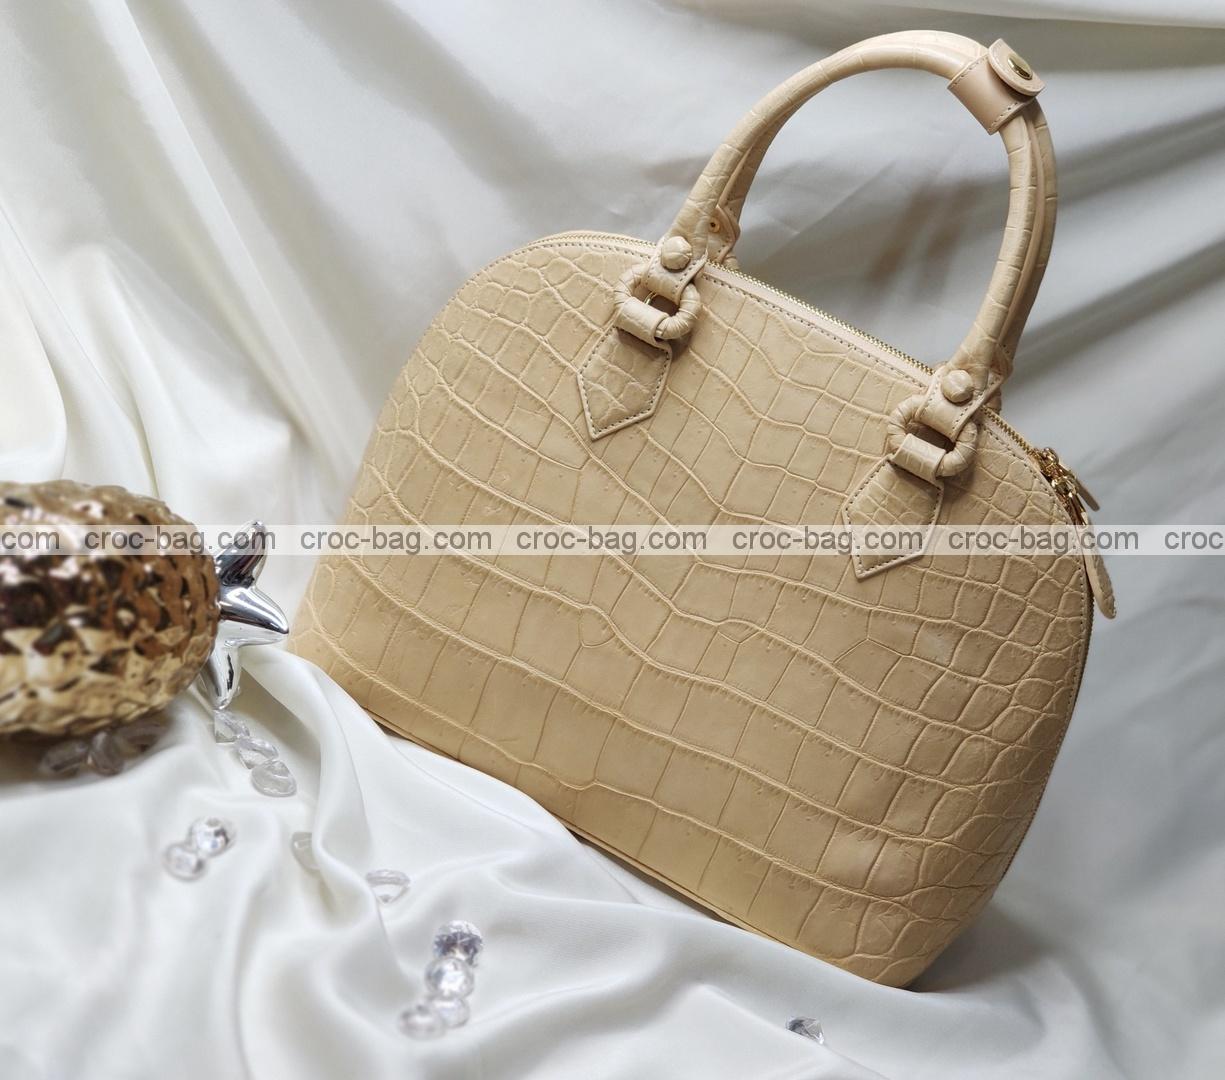 กระเป๋าหนังจระเข้สำหรับผู้หญิง 5265